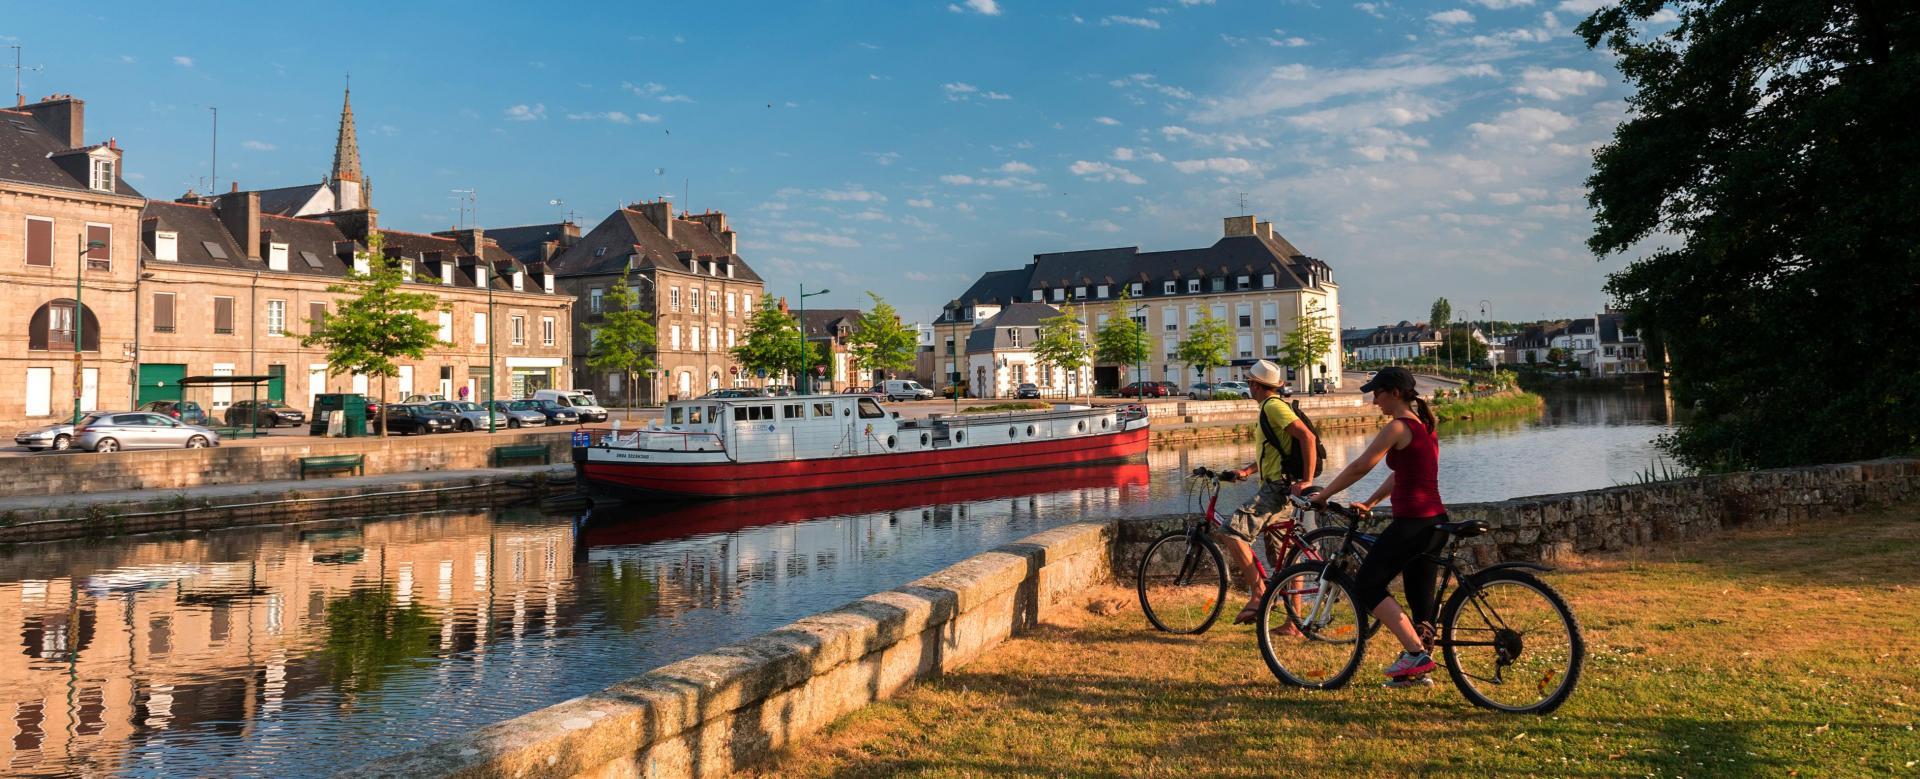 Een fietstocht langs schilderachtige plekken